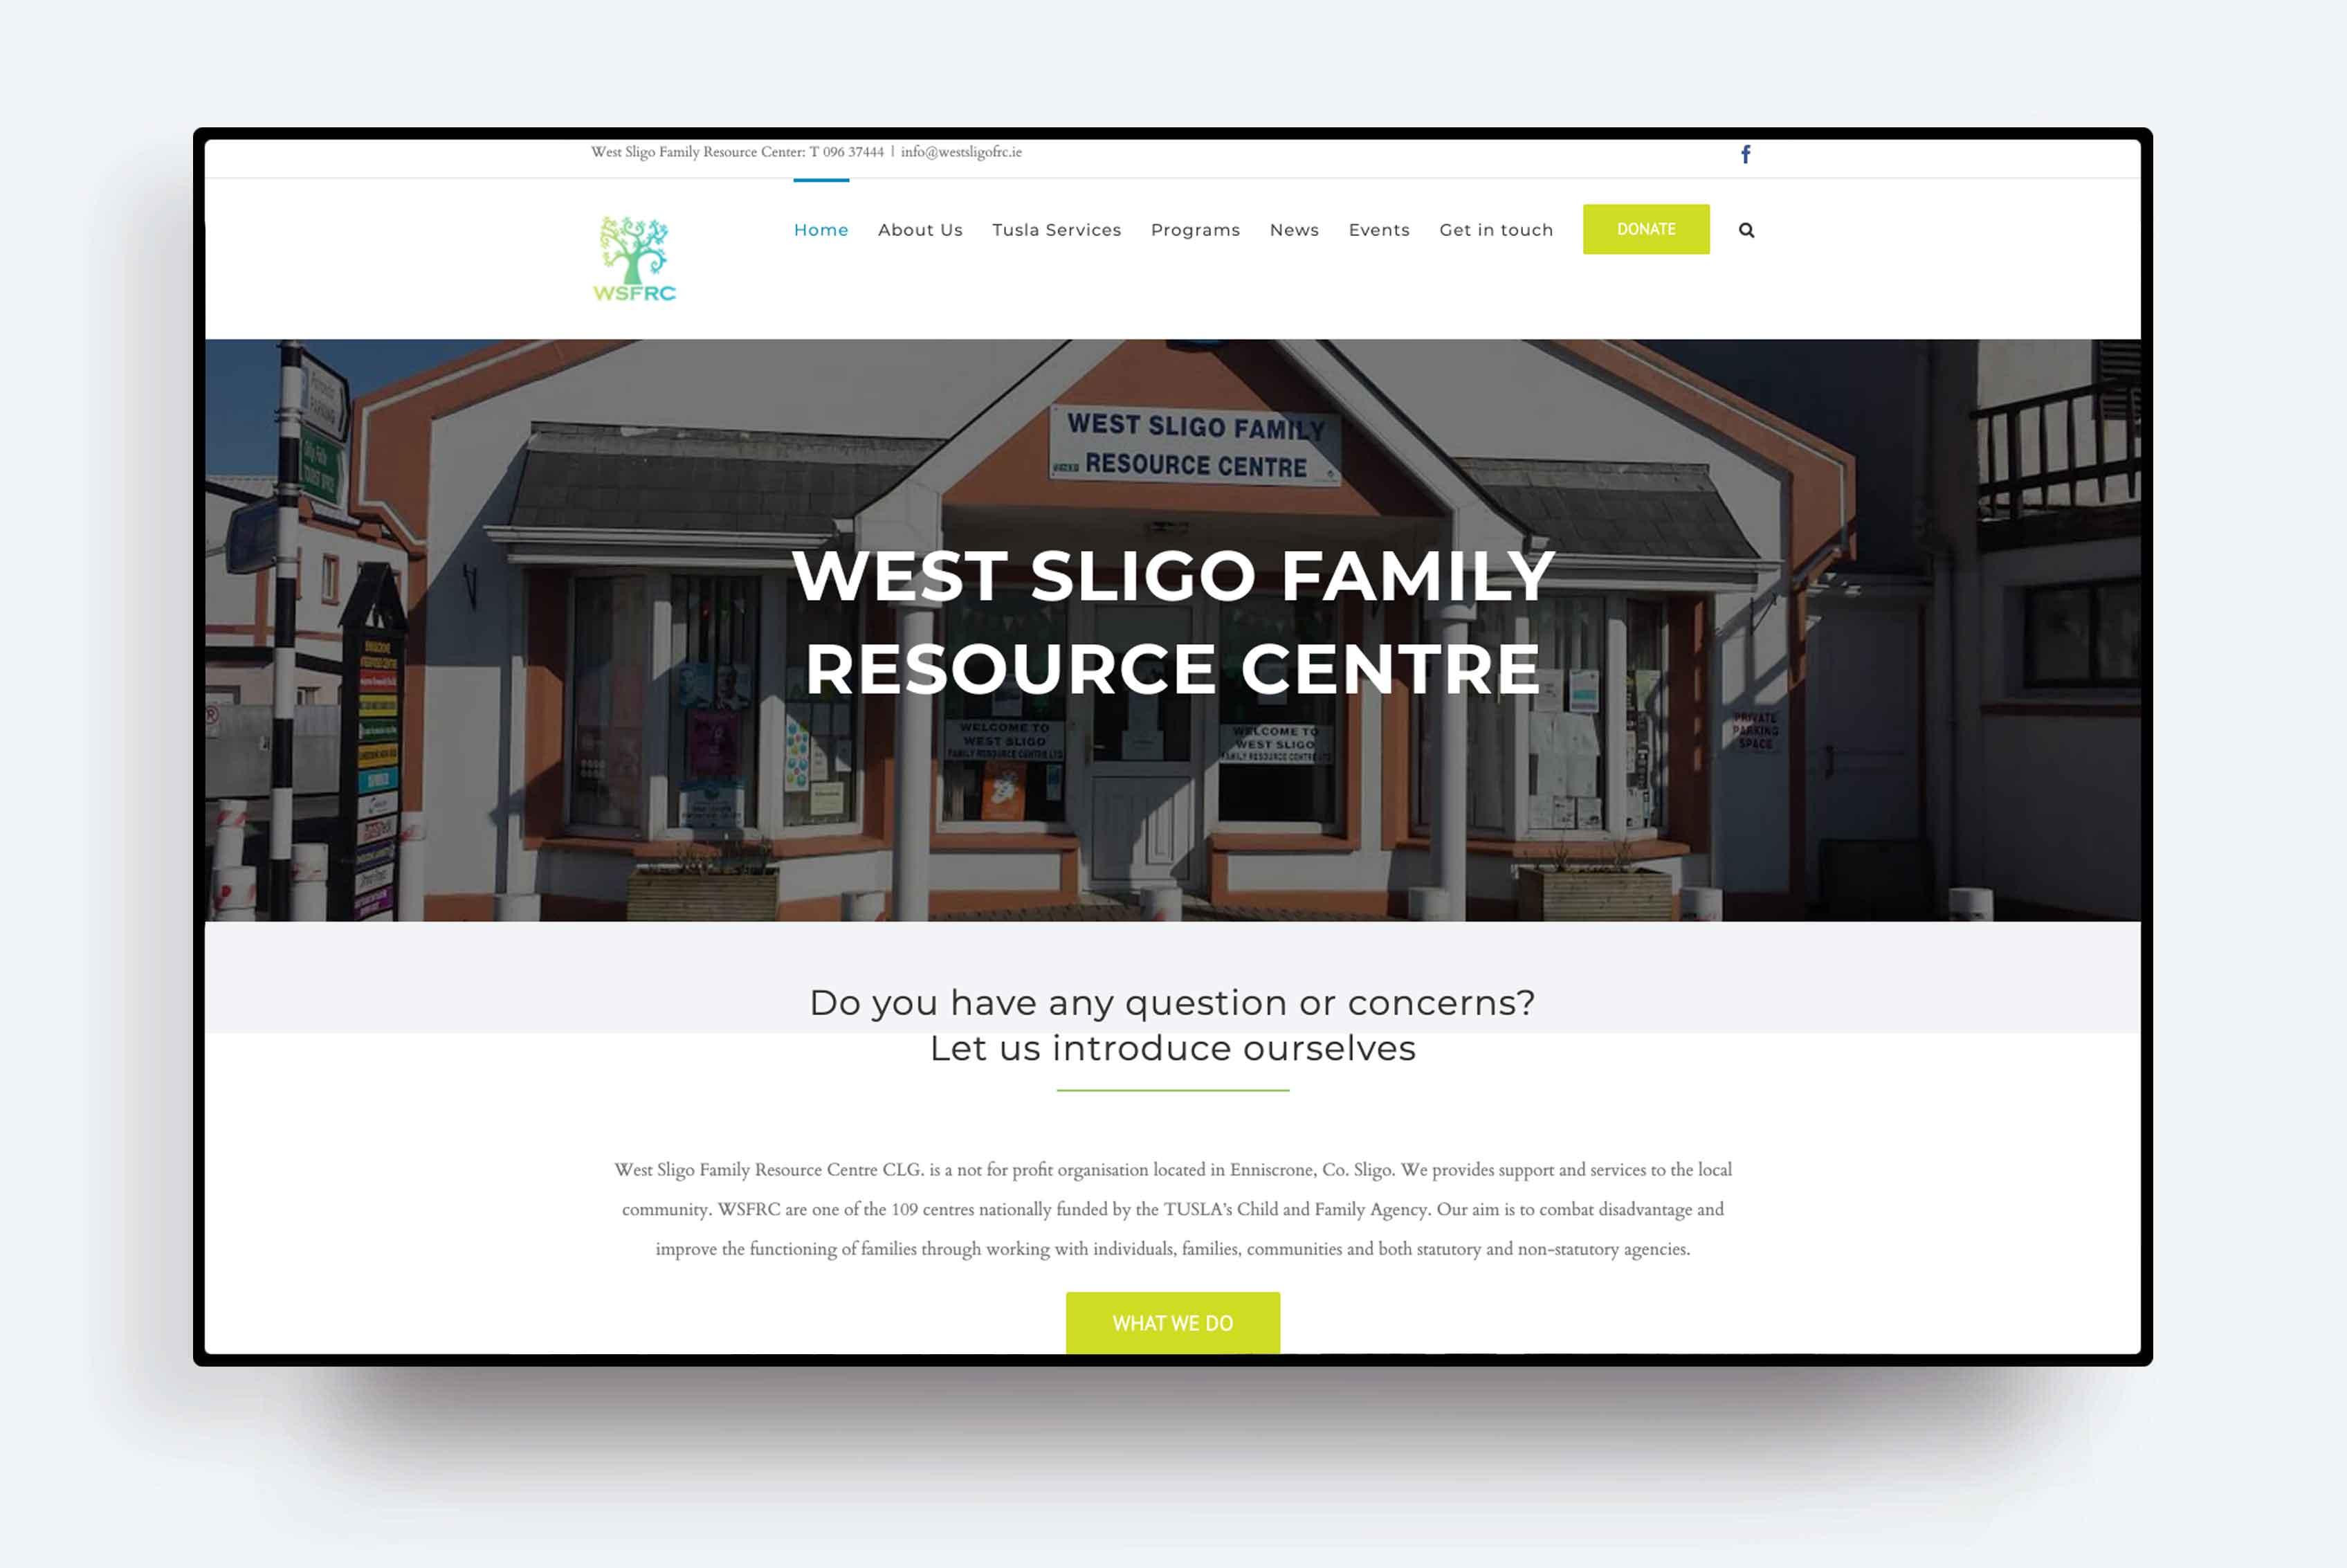 West Sligo Family Resource Centre CLG.